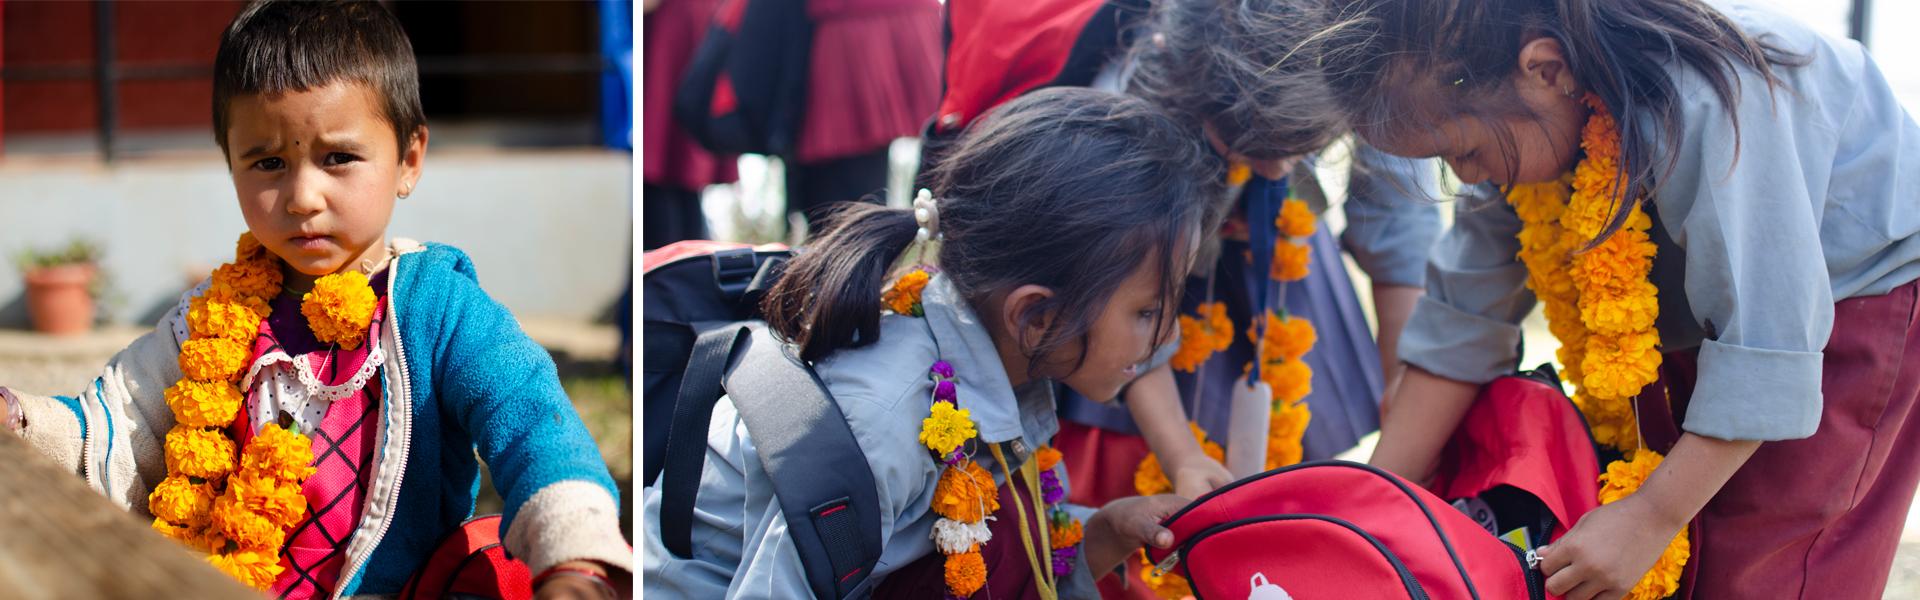 Nepal School Gallery 3